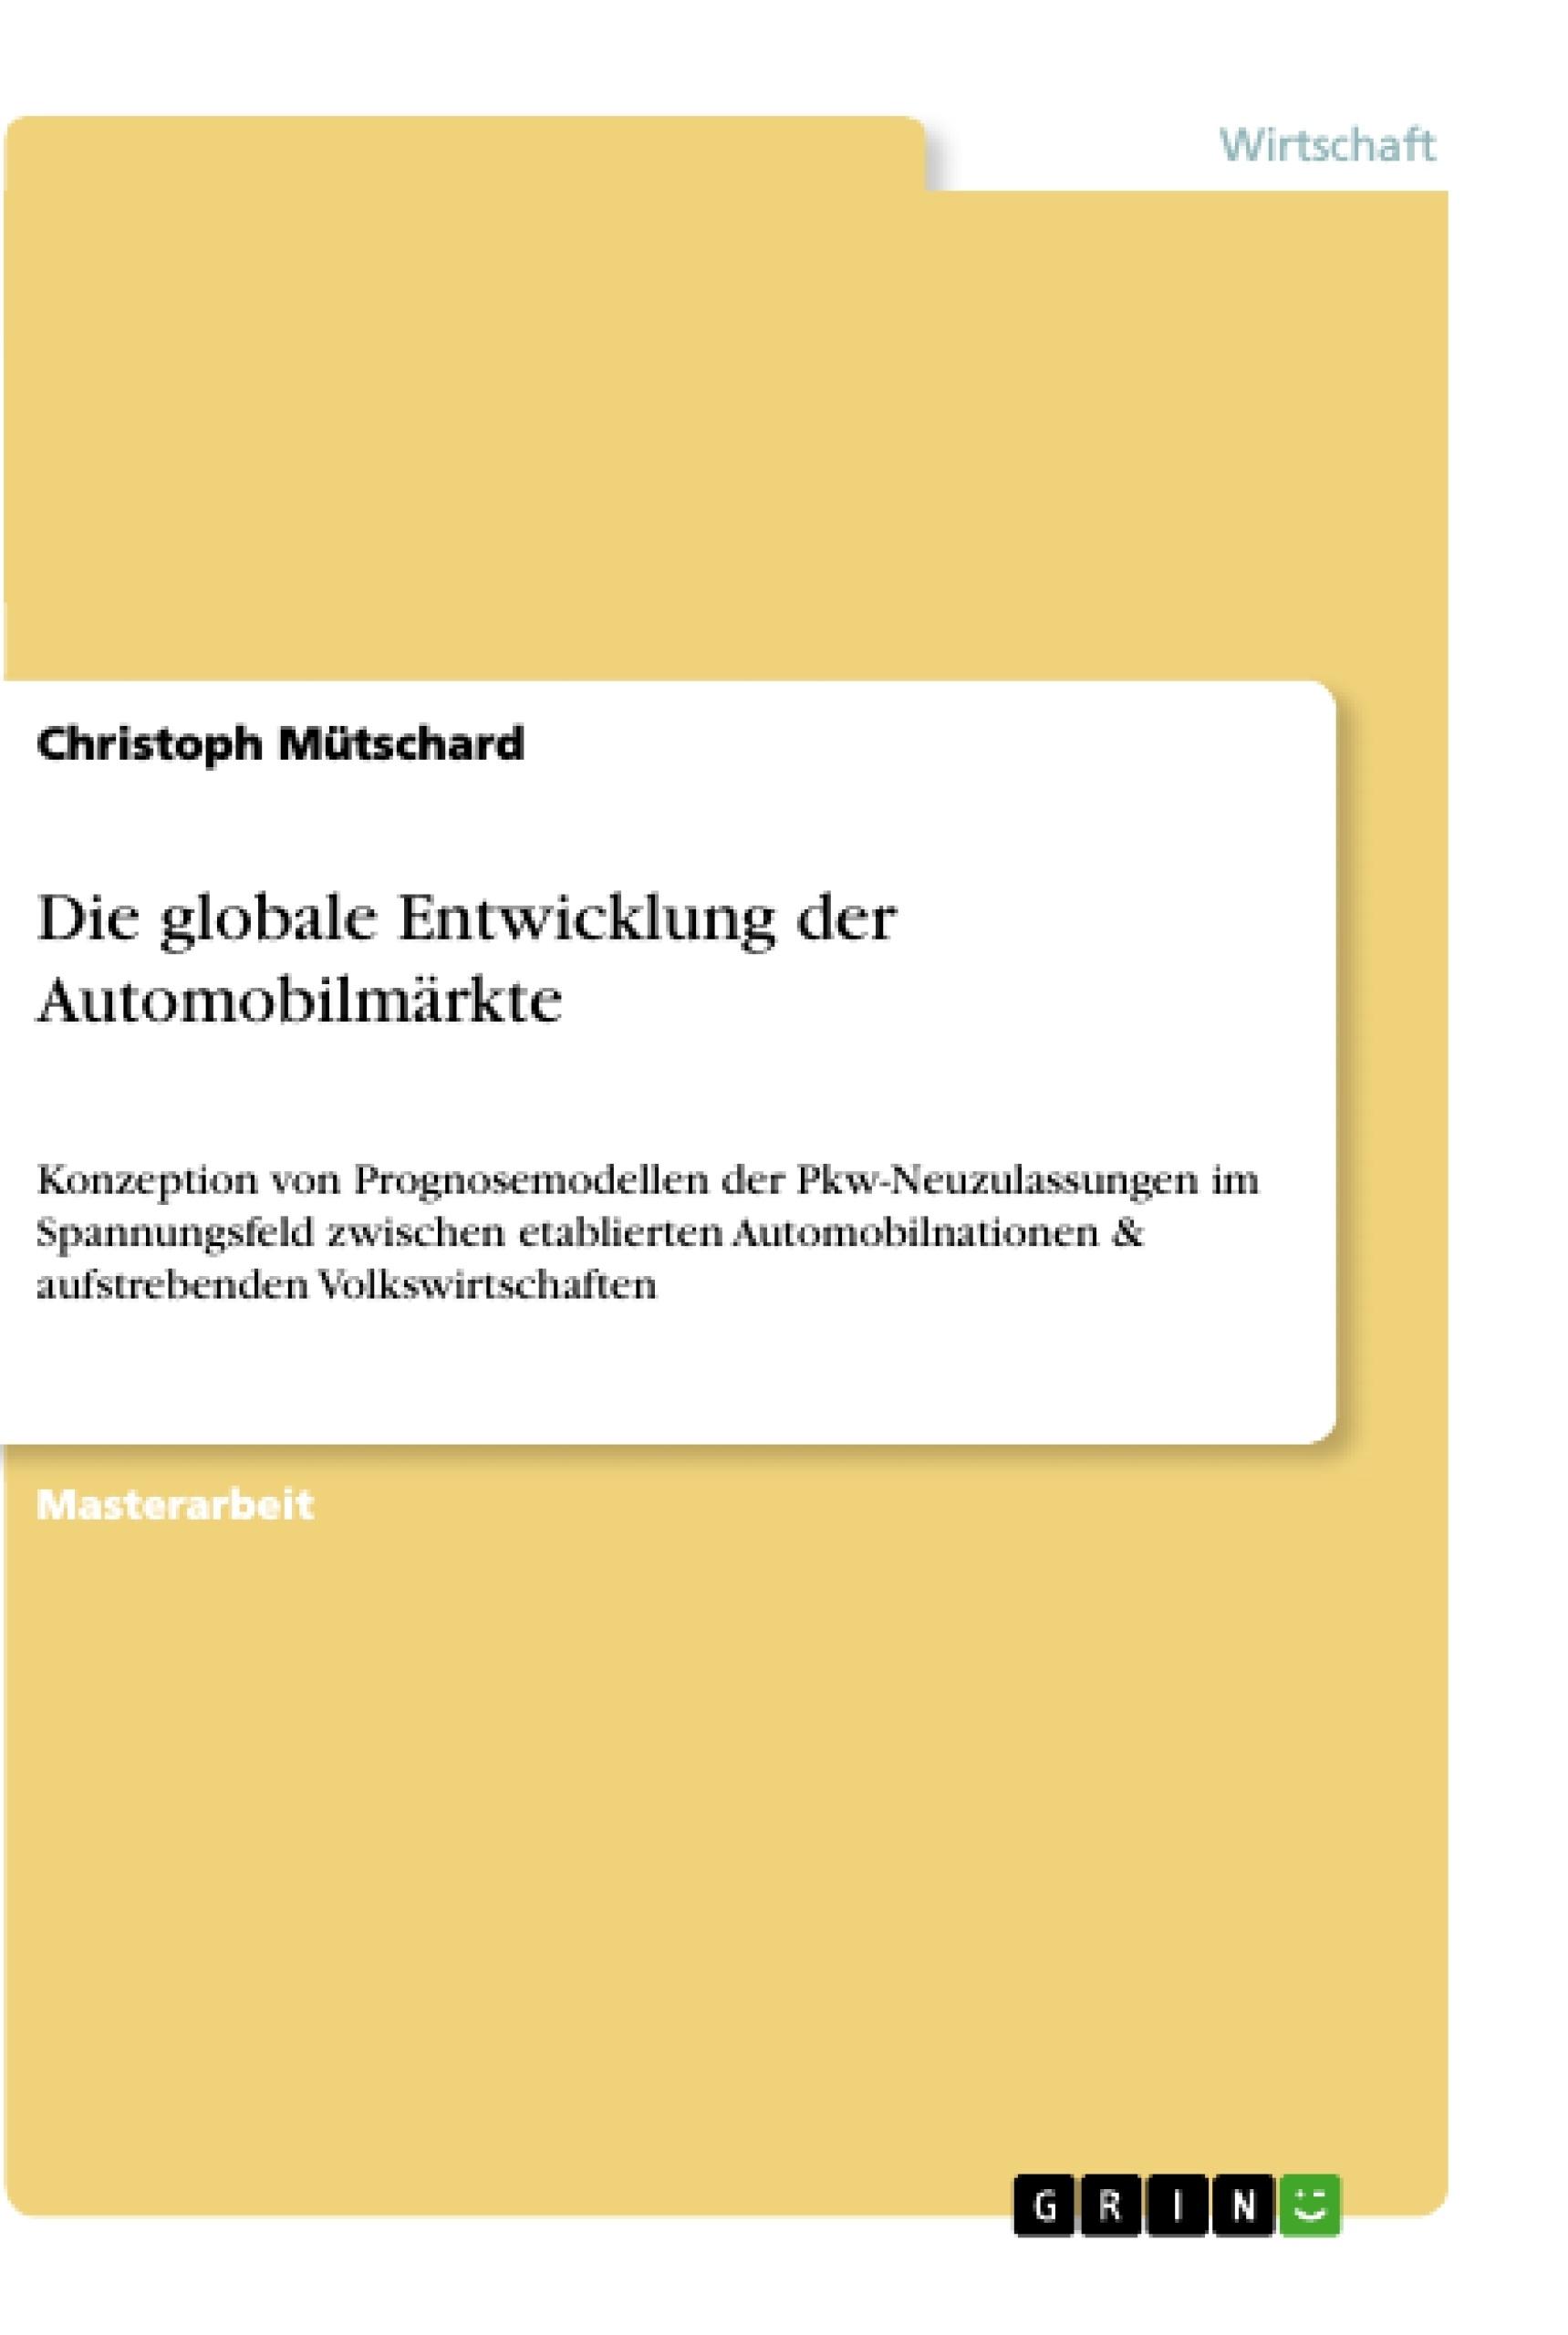 Titel: Die globale Entwicklung der Automobilmärkte